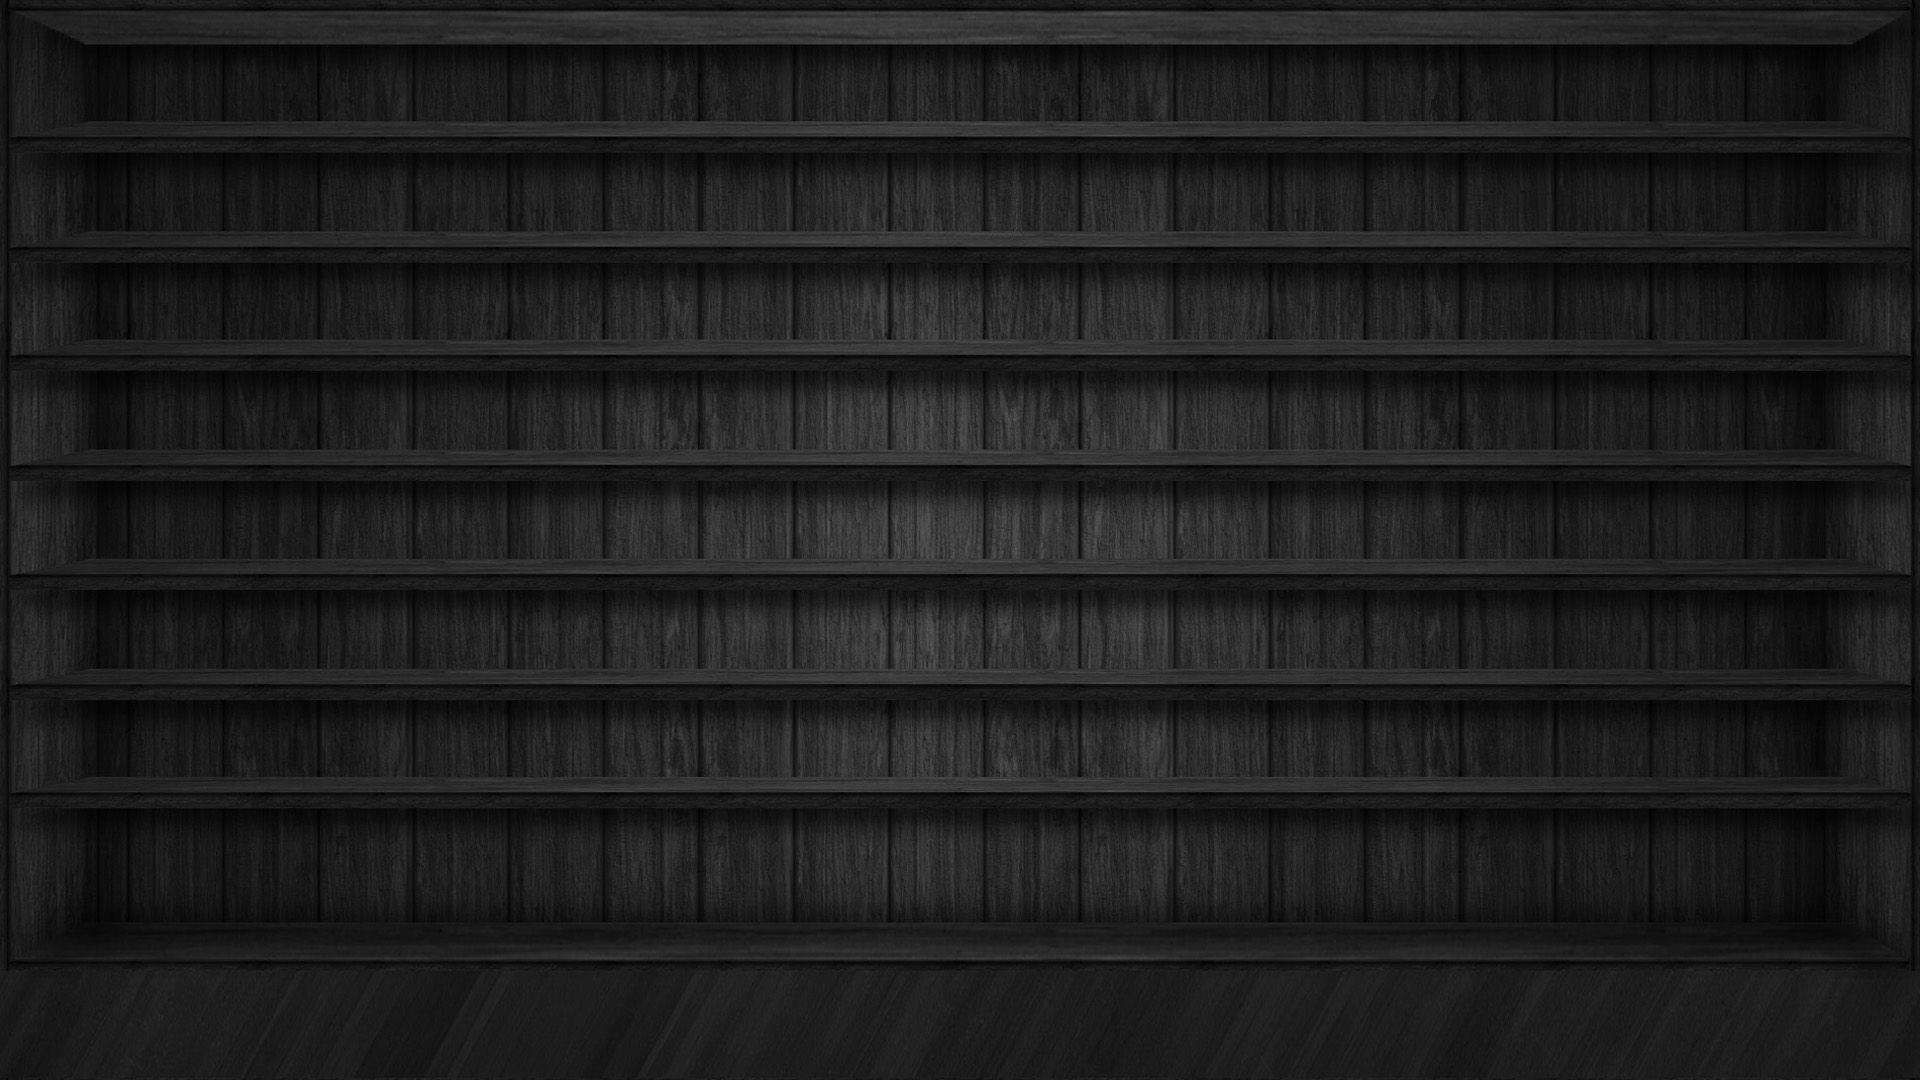 Dark Wood Wallpaper 75 Pictures